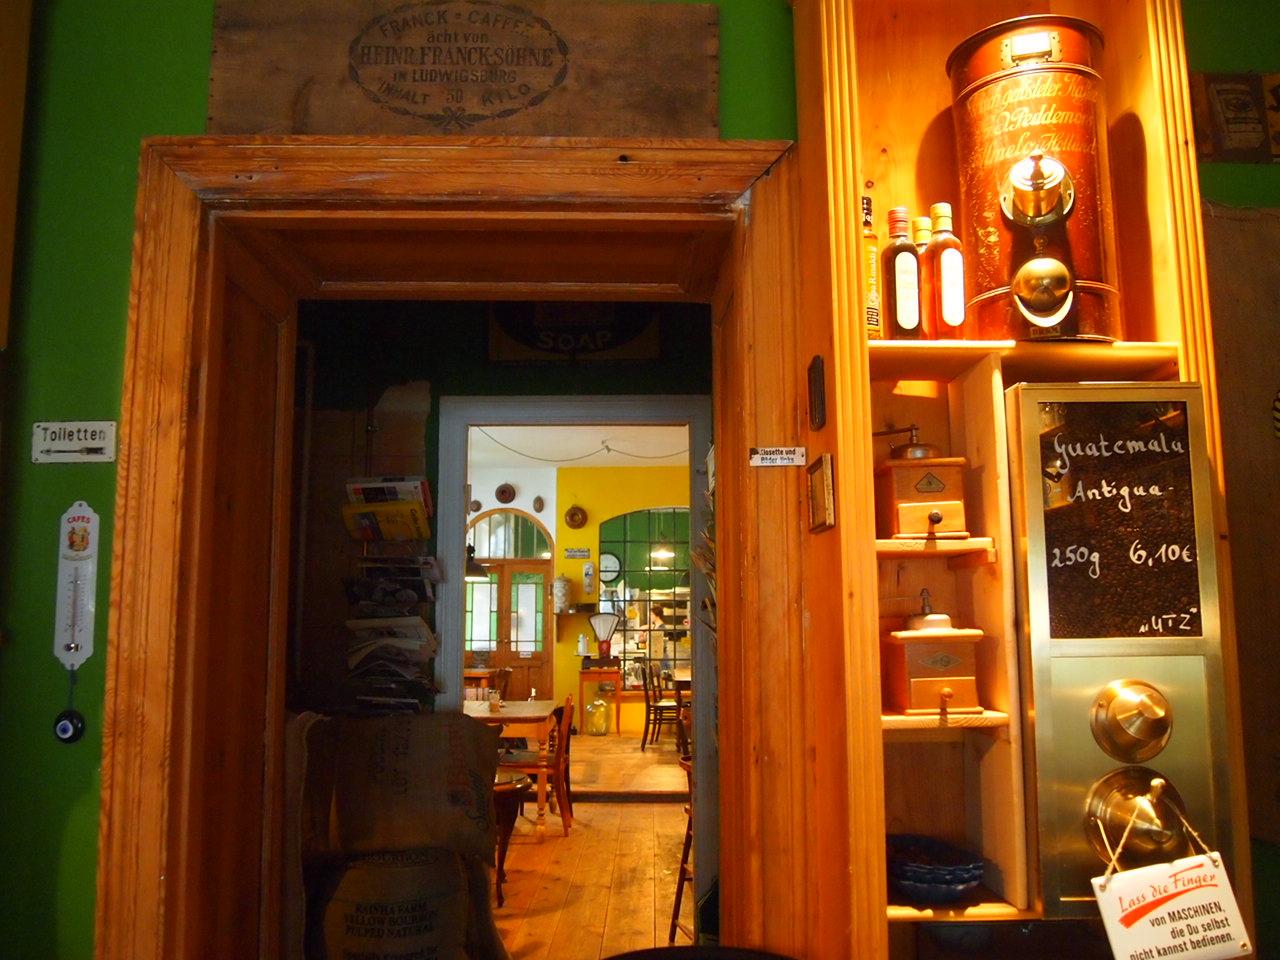 心臓が止まるかと思った。怖すぎるベルリンのカフェ!トイレの扉を開くと……